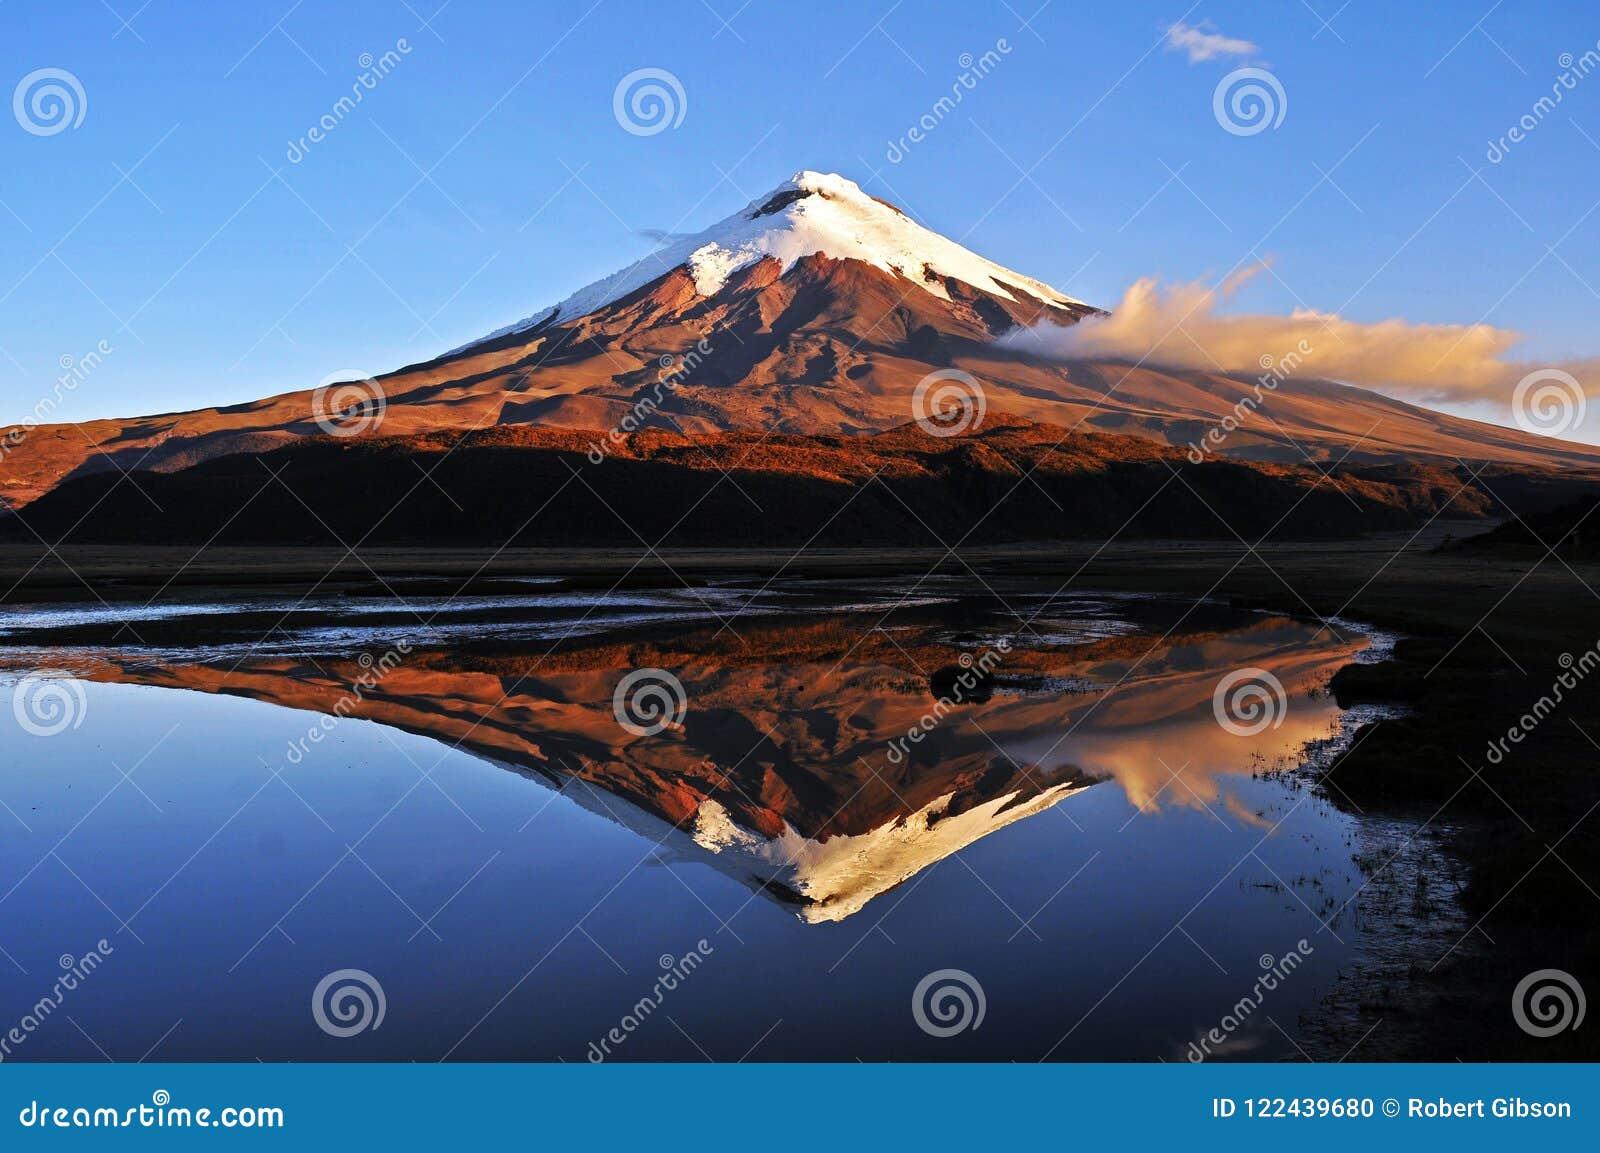 Volcan du Cotopaxi et de Limpiopungo en Equateur